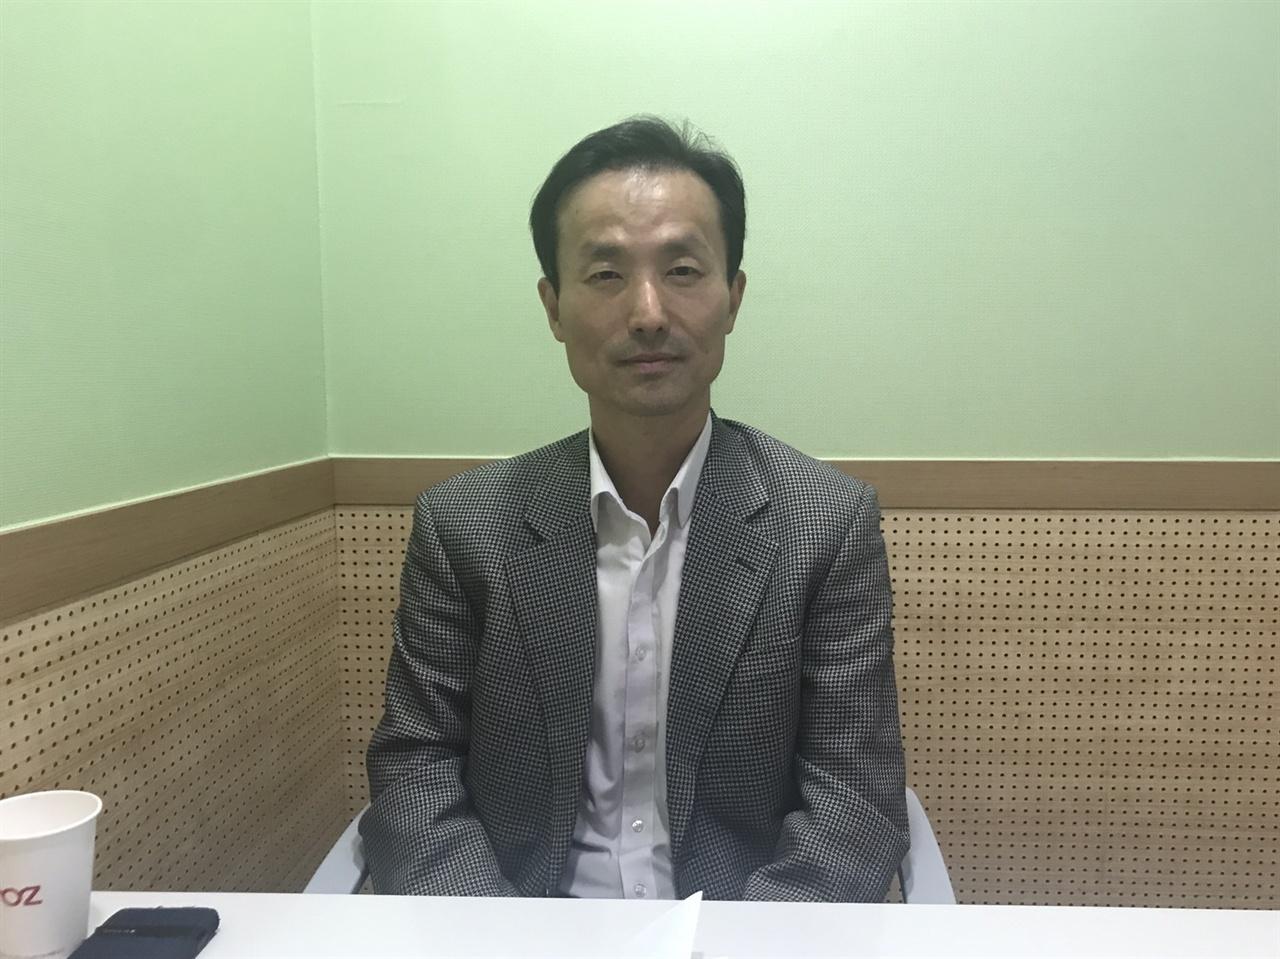 안정식 SBS 북한 전문기자